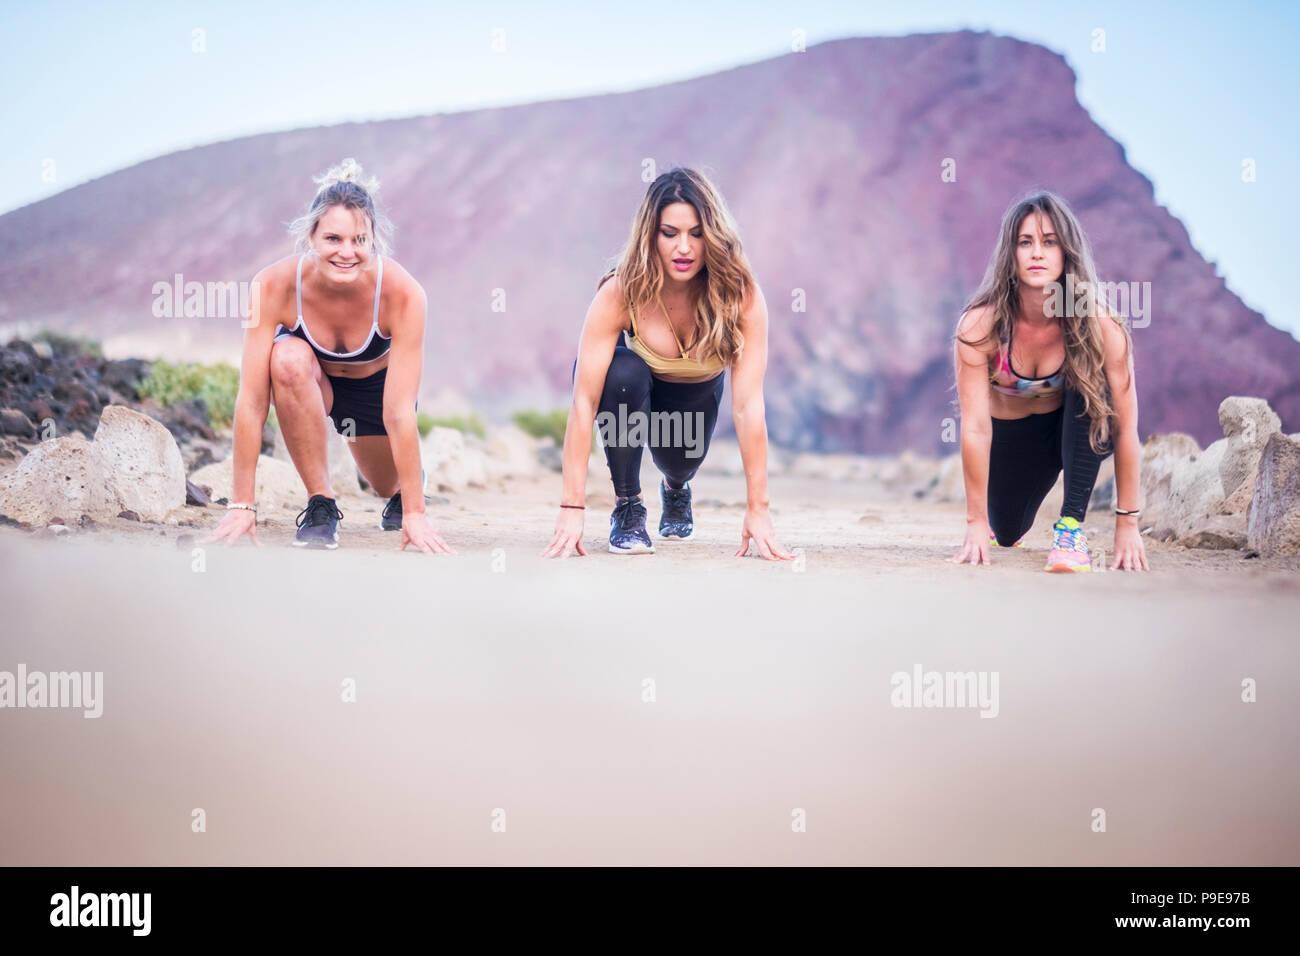 Tre belle ragazze runner giovani pronti per avviare e far funzionare per il duro allenamento fitness e attività all'aperto. Costruisci il tuo nuovo e forte corpo vicino alla spiaggia Immagini Stock